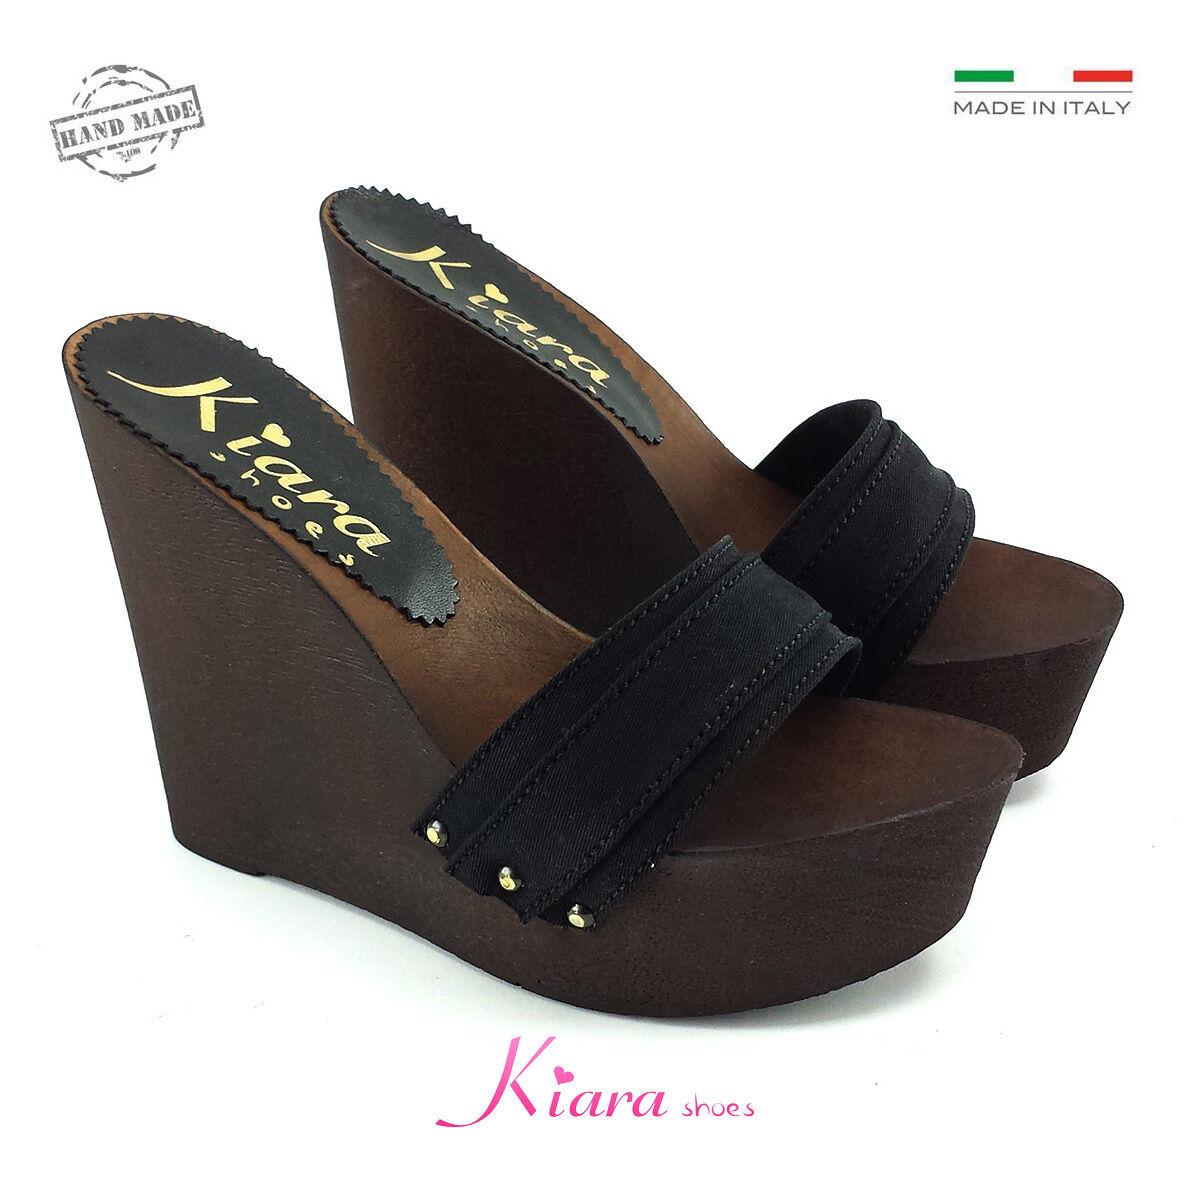 Zeppe Zatteroni Zoccoli Neri - Schuhe Made in  N. da 35 a 41 - Tacco 13